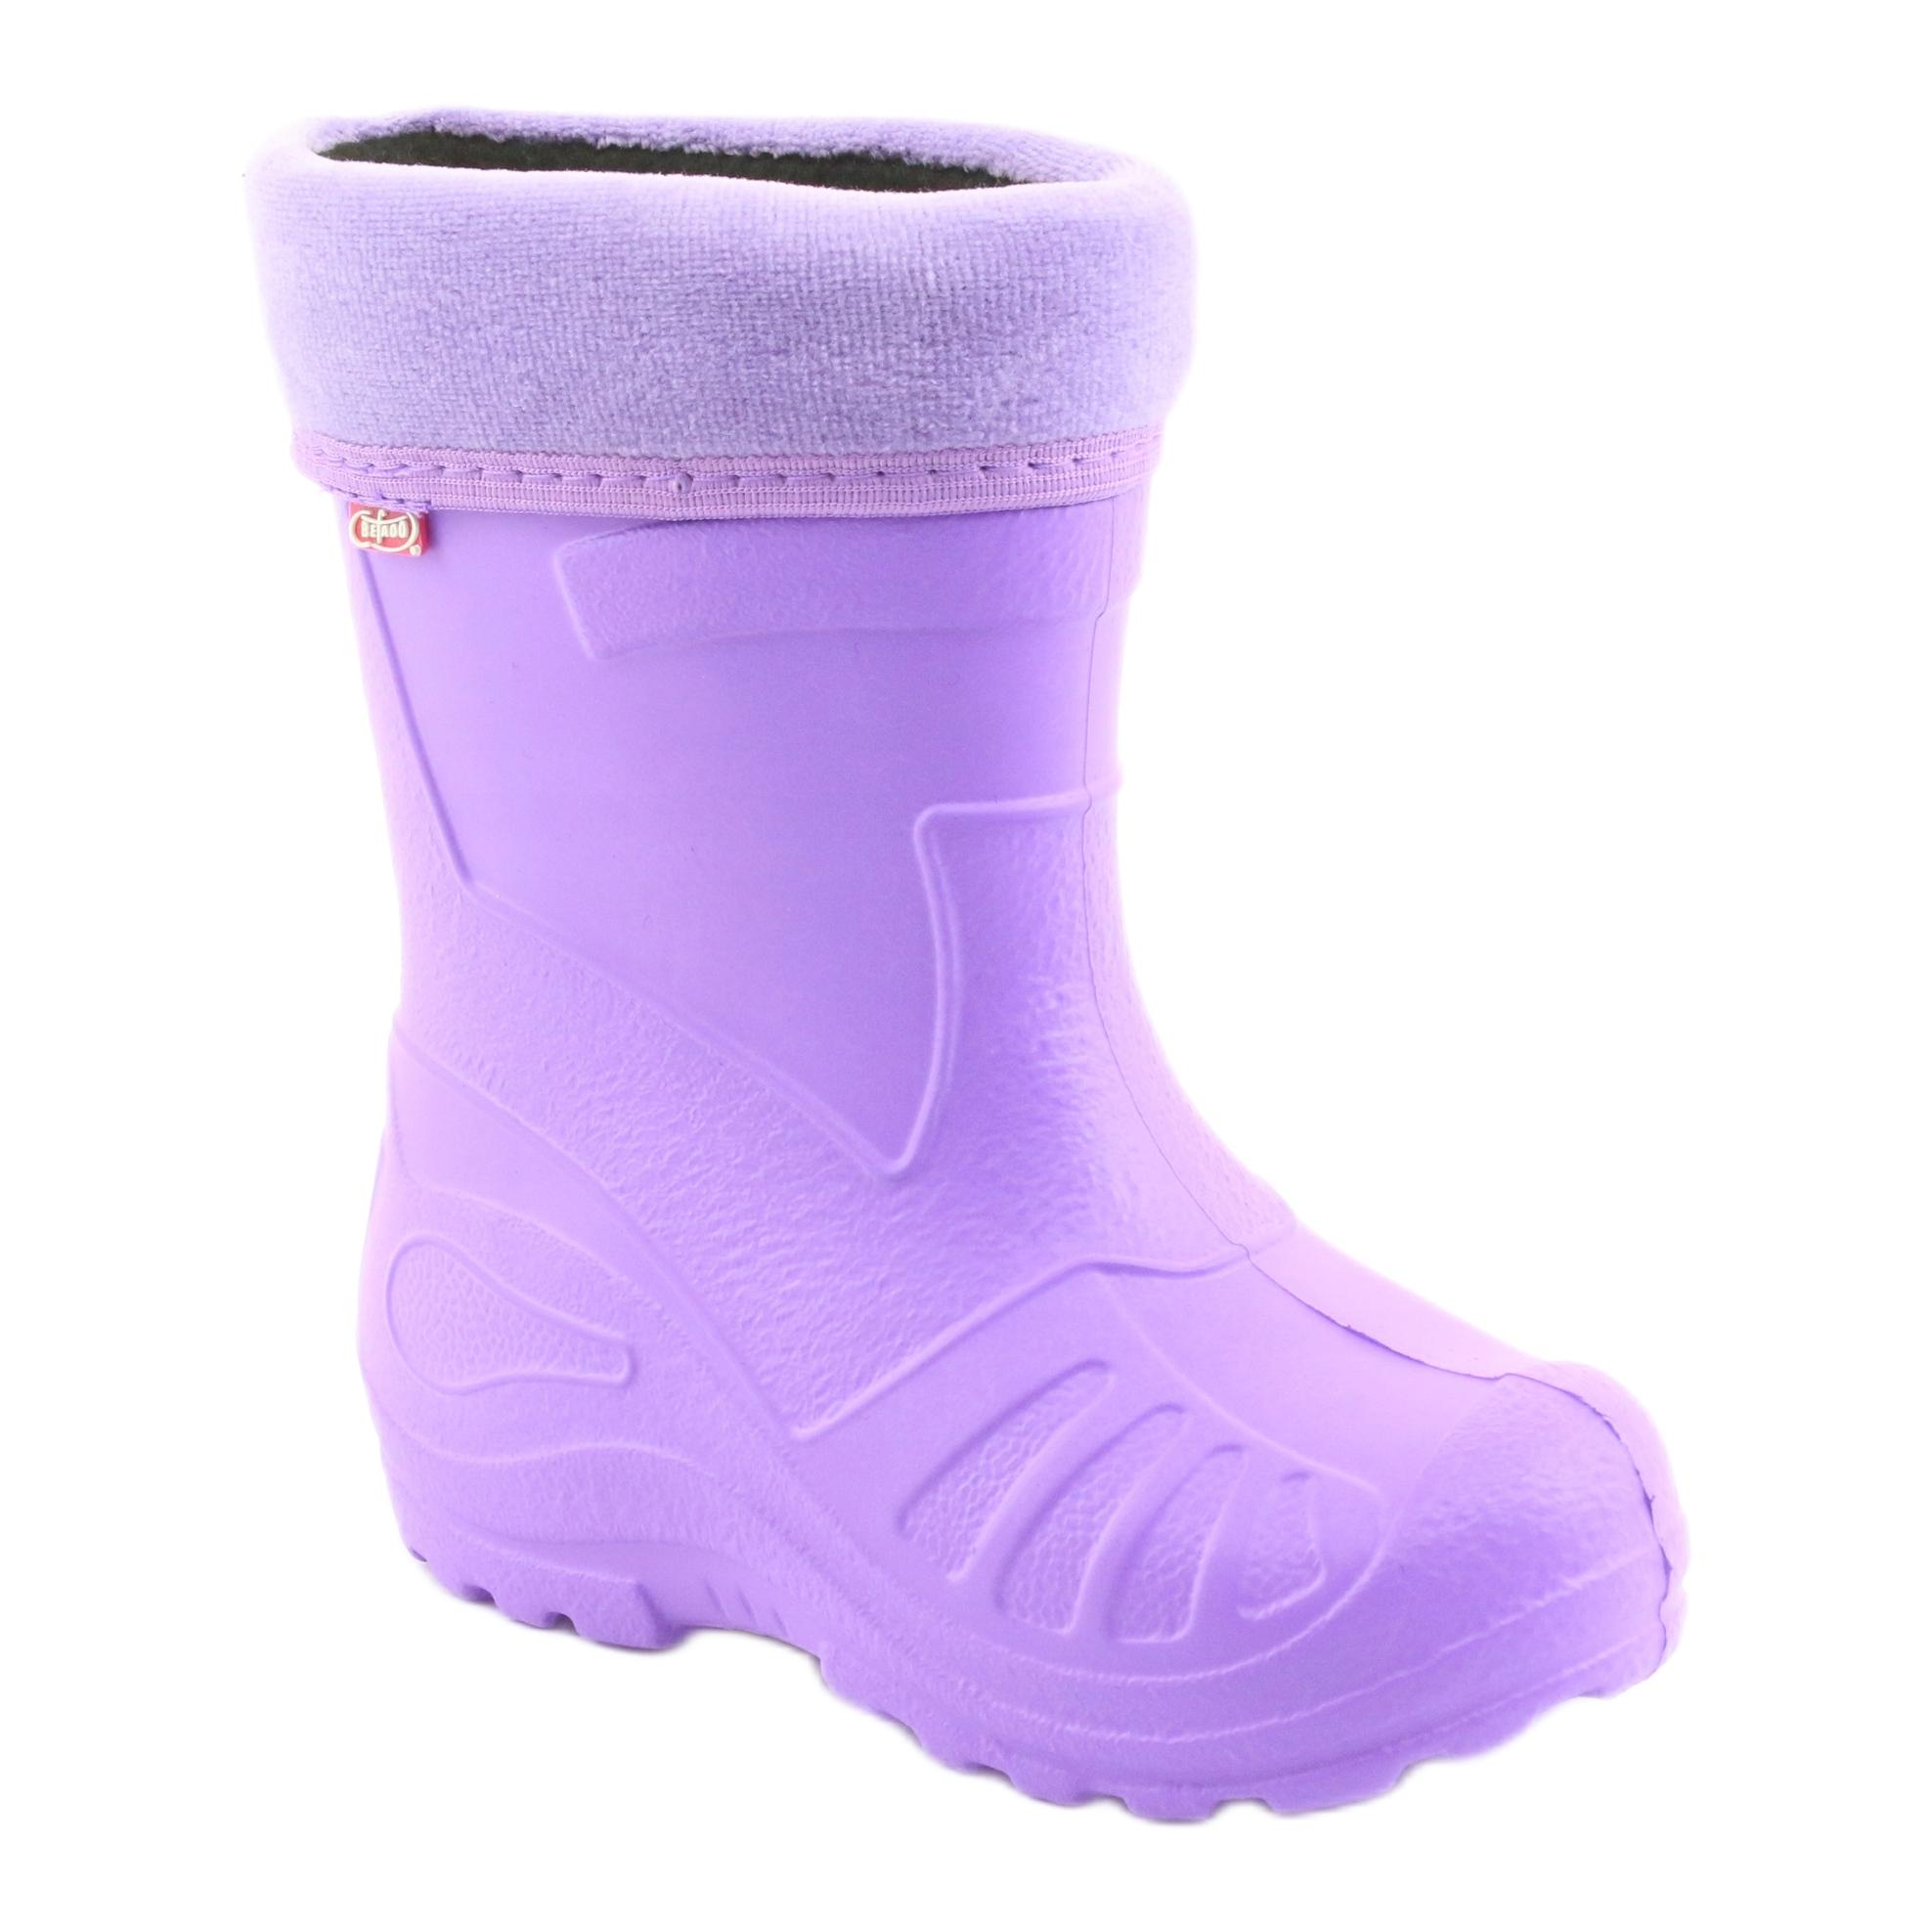 miniatura 2 - Stivali da pioggia per bambini Befado viola 162X102 porpora